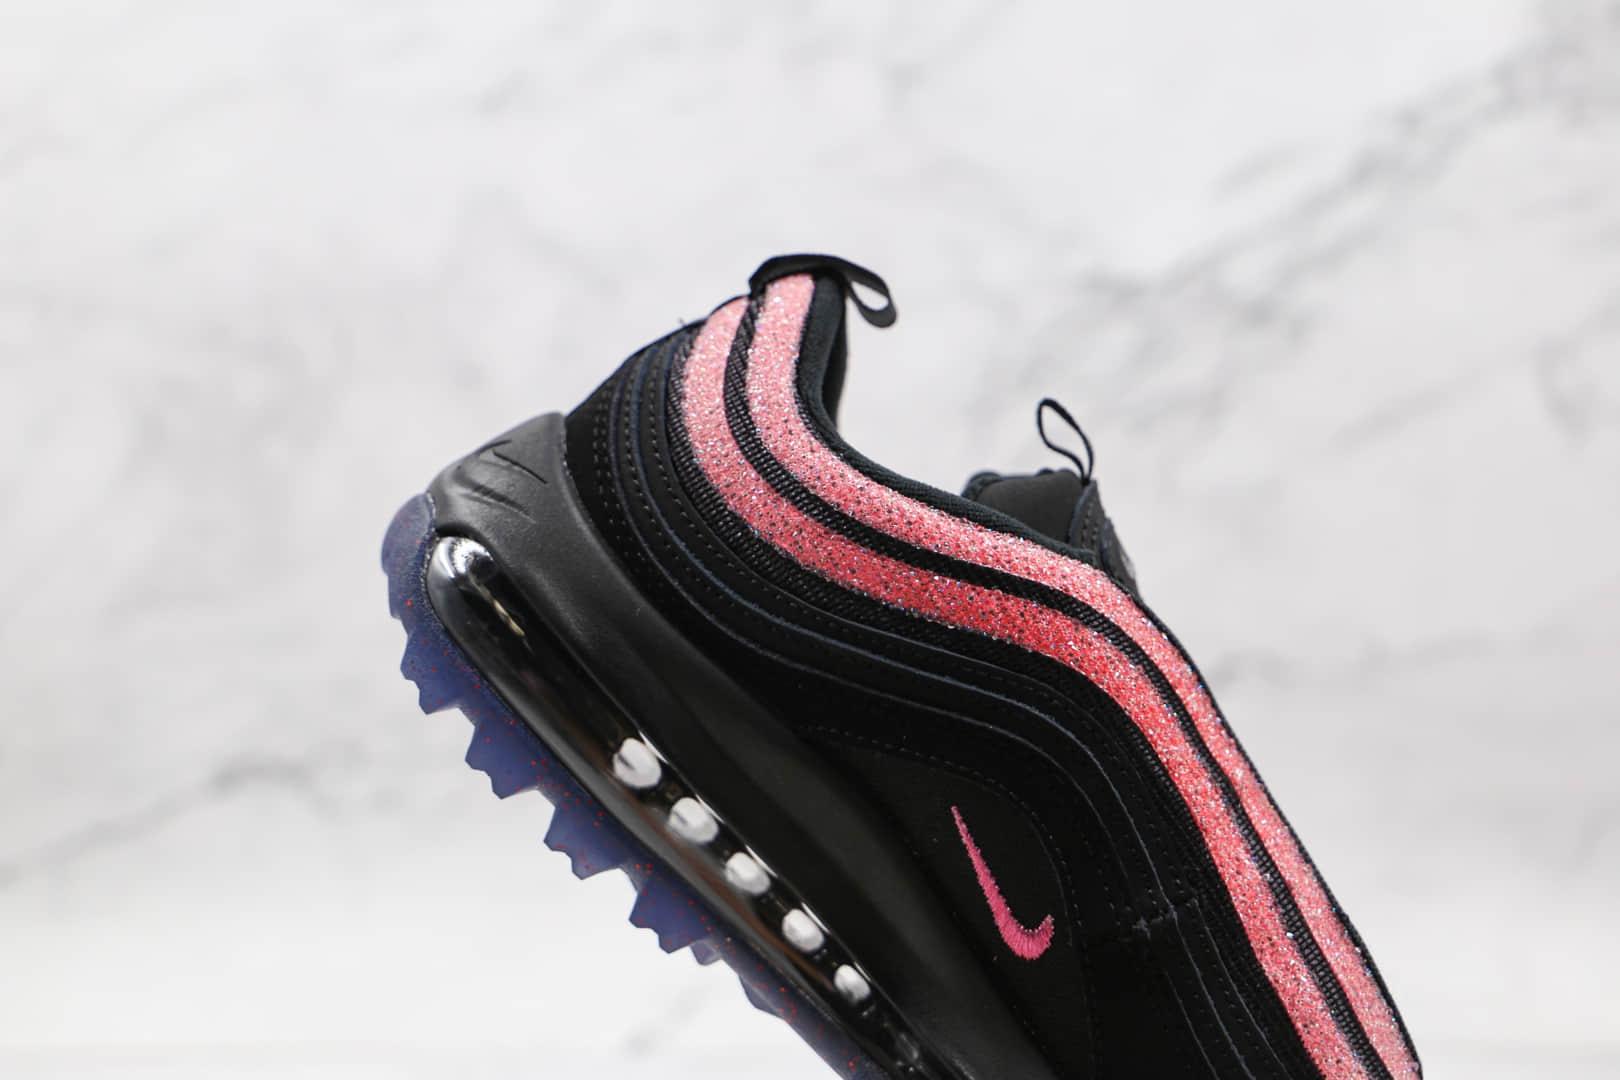 耐克Nike Golf Air Max 97纯原版本高尔夫子弹头Max97黑粉色气垫鞋原楦头纸板打造 货号:DB4698-001